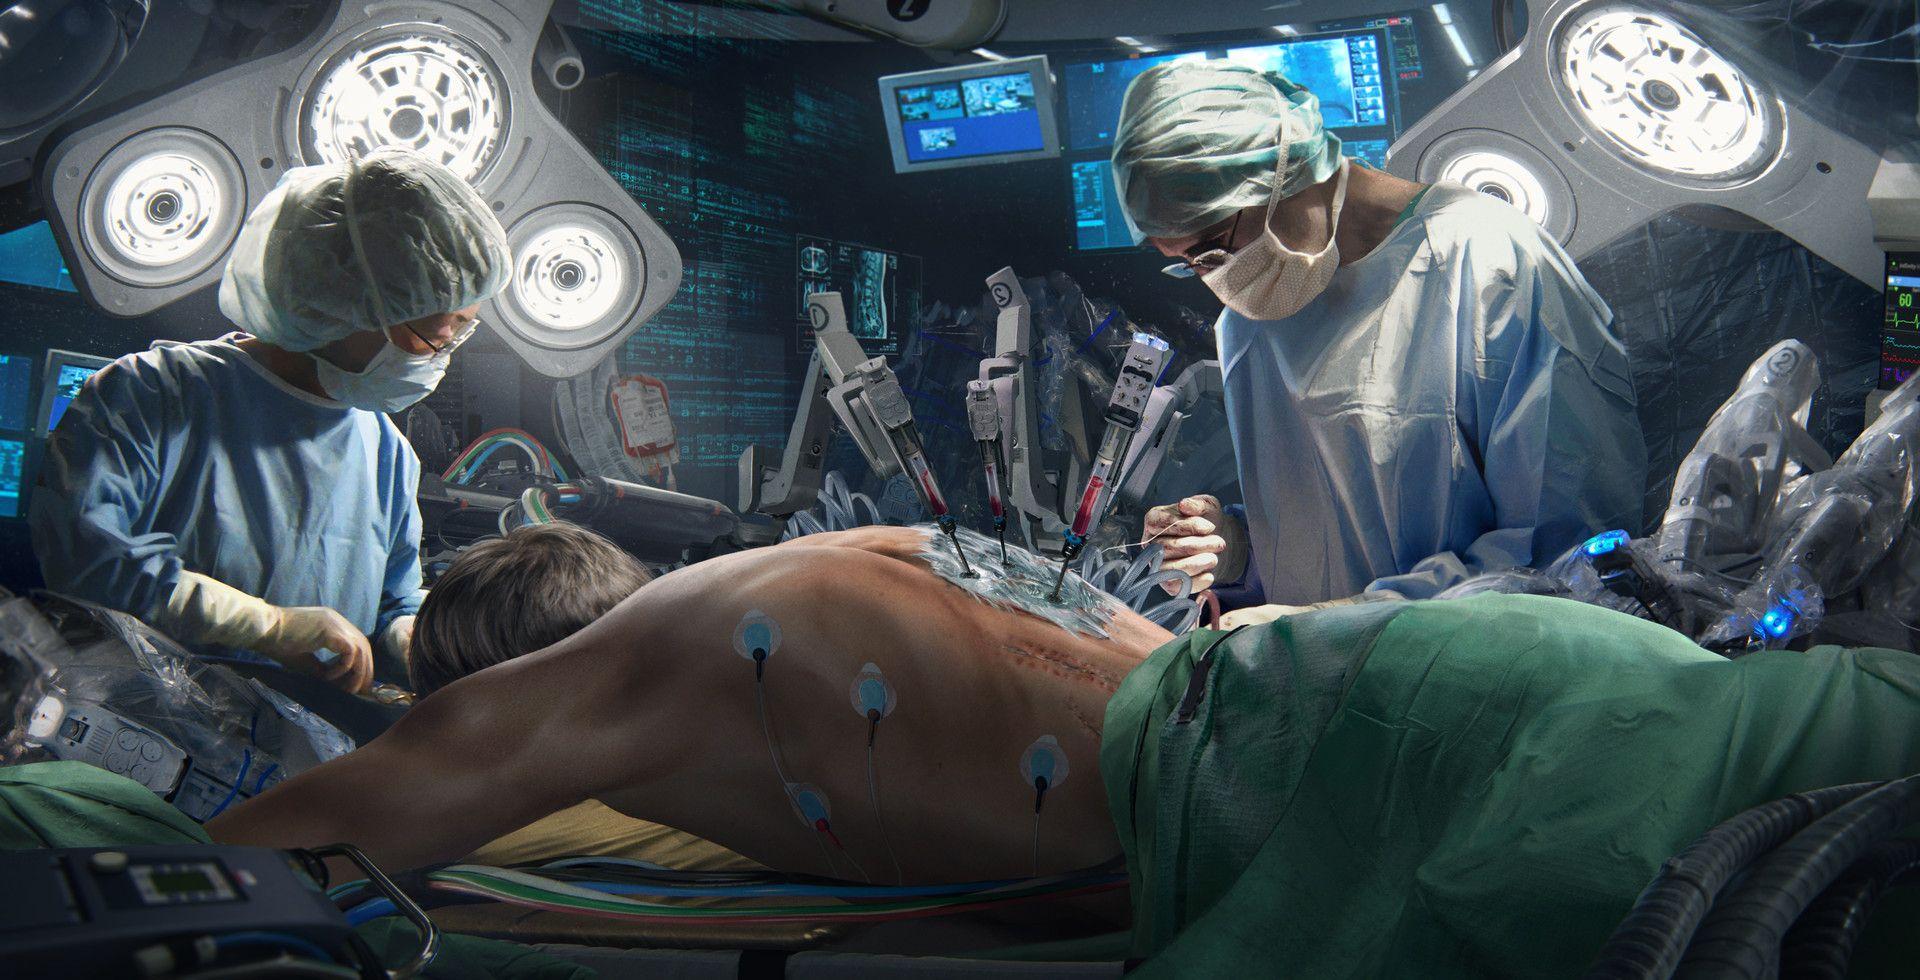 Neuromancer Cases Surgery by Niek Schlosser sci fi in 2019 1920x980